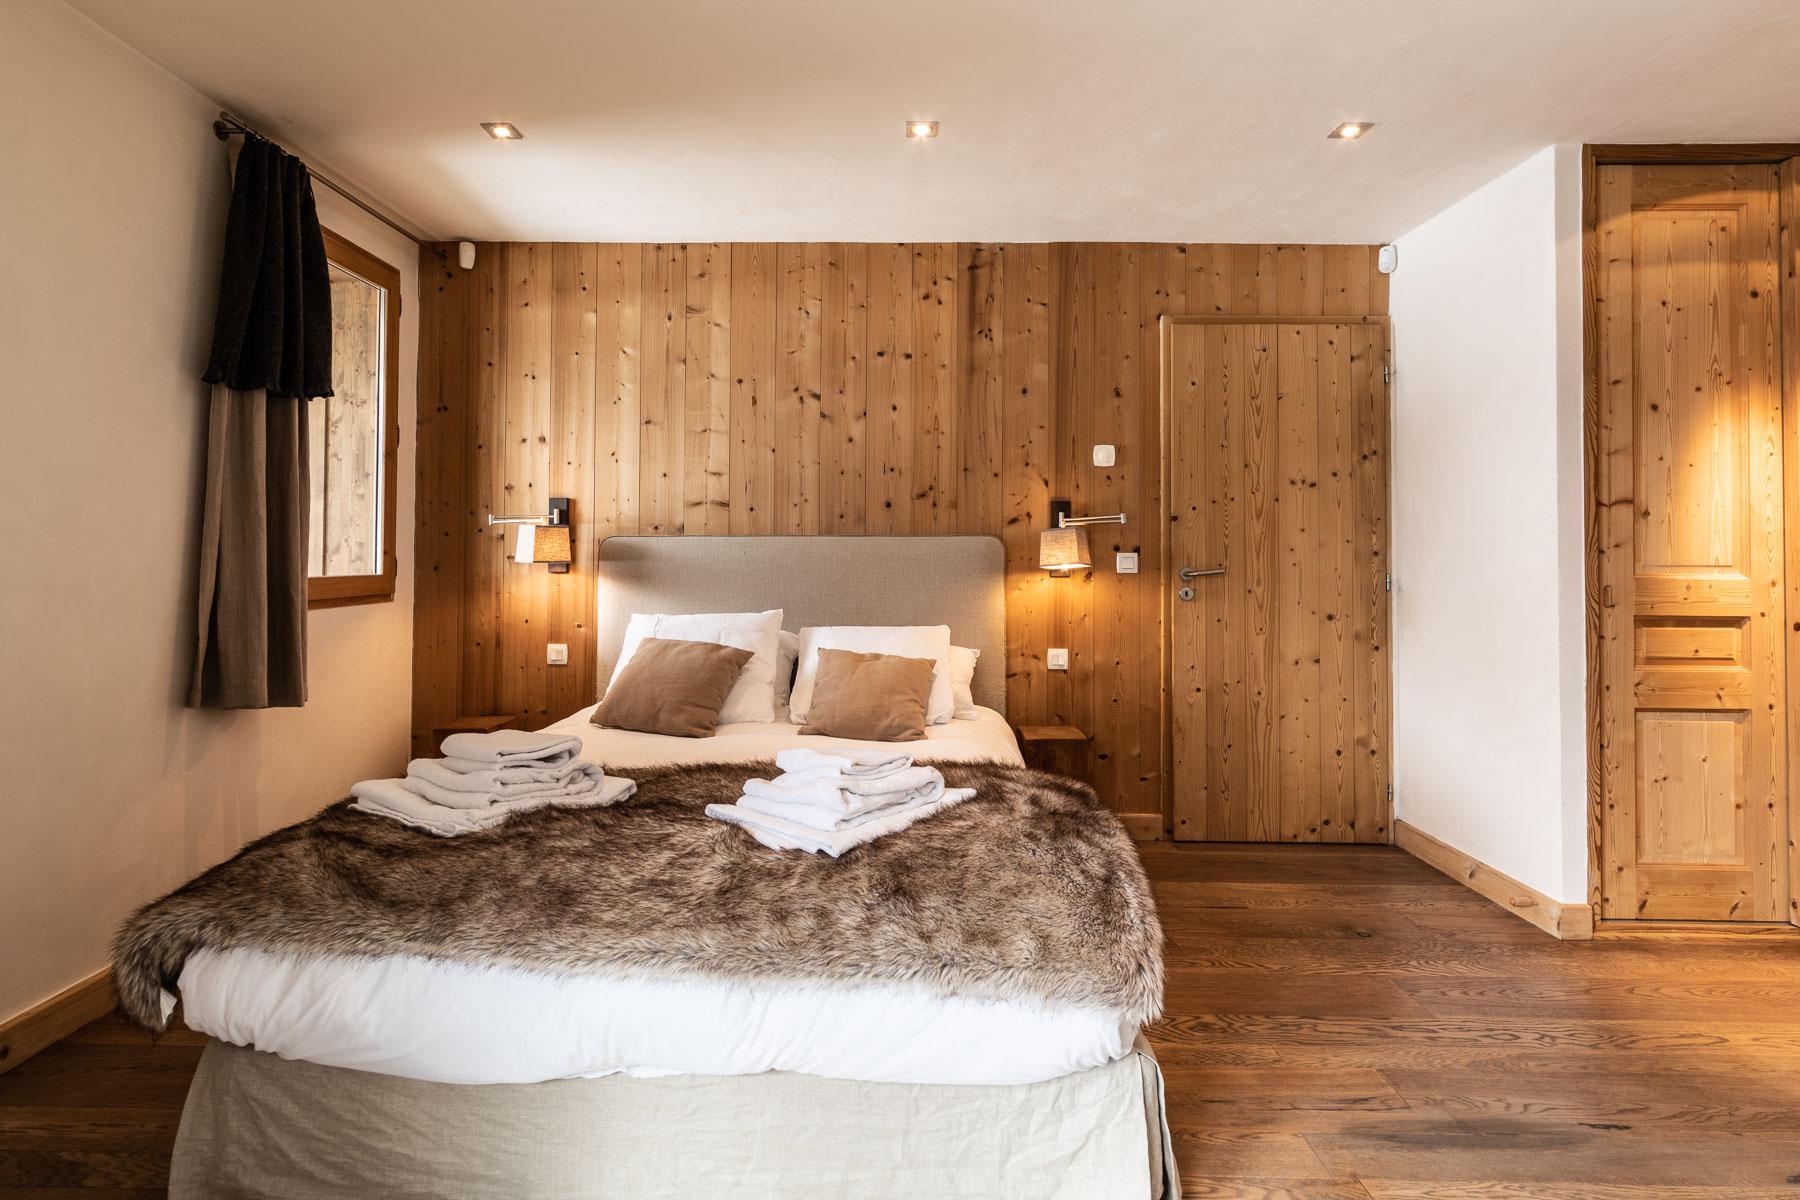 Omaroo 2 Double Bedroom